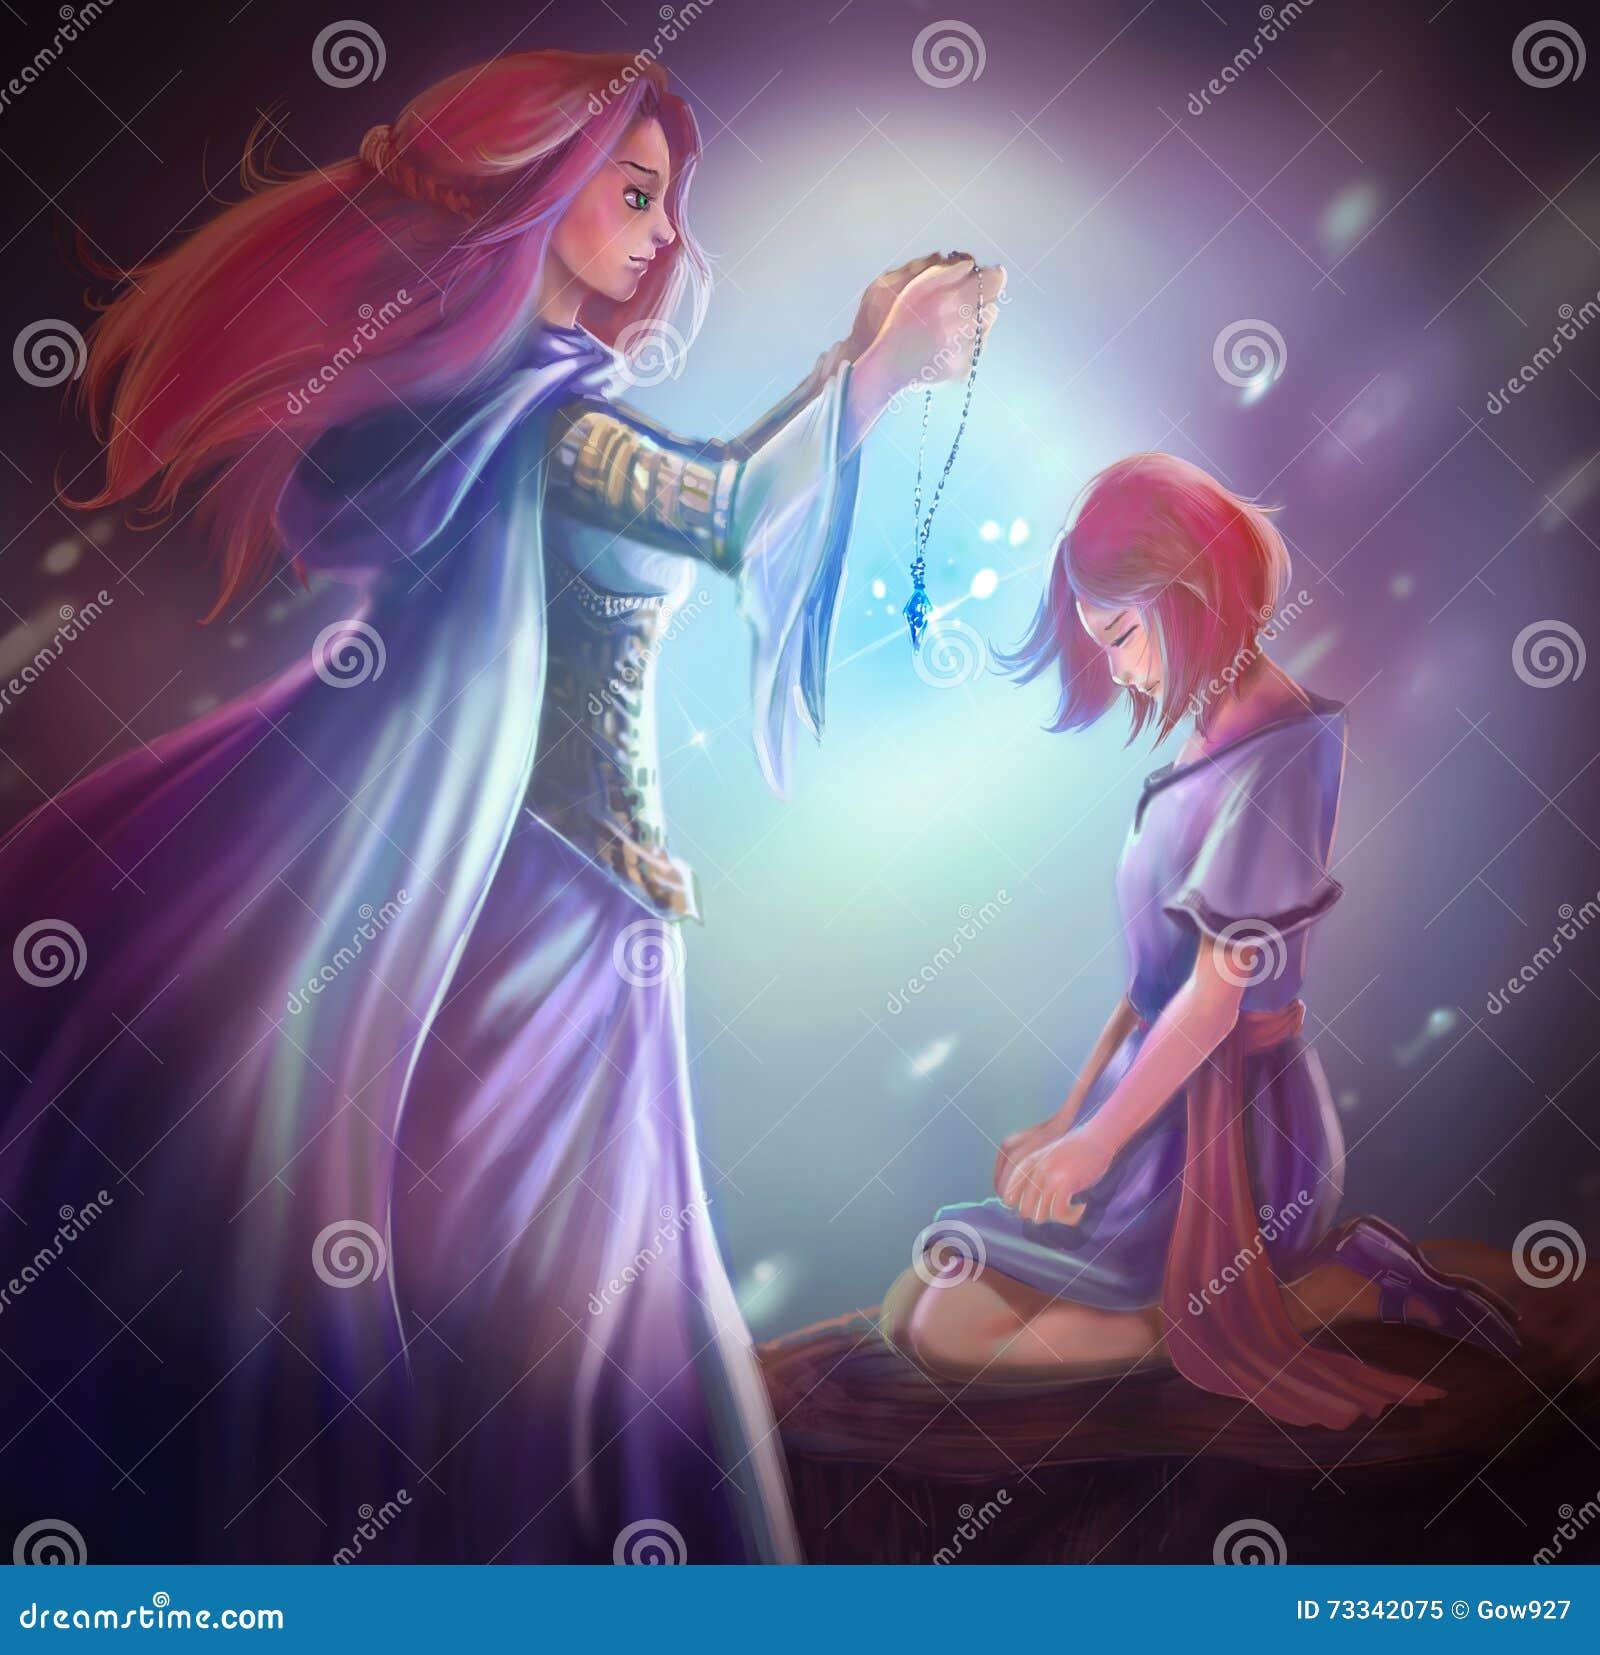 Cartoon fantasy goddess queen gives crystal pendant to girl